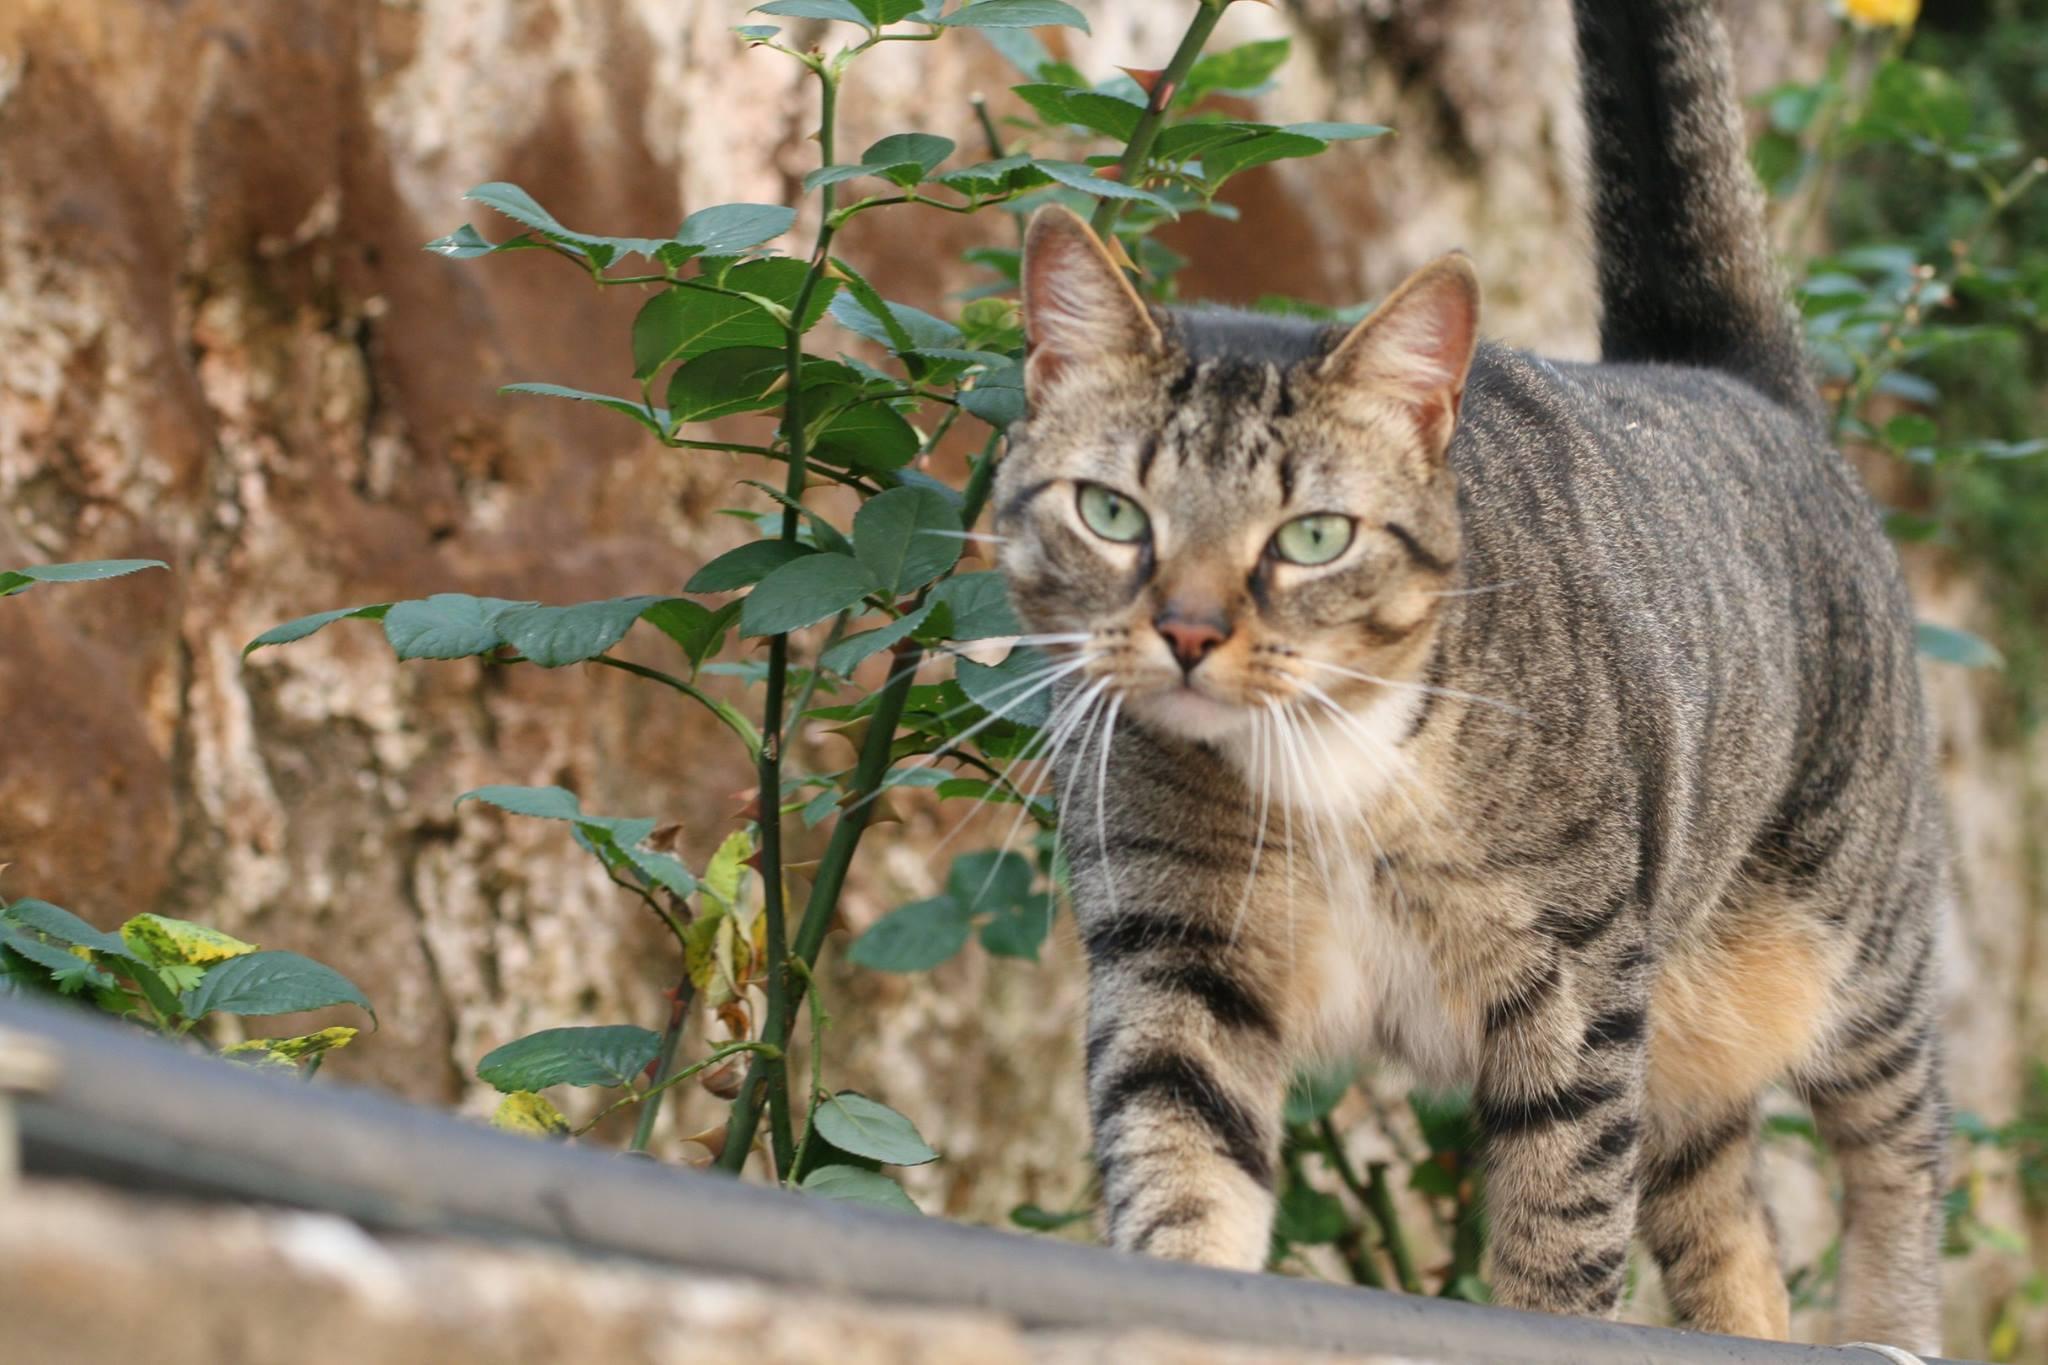 Vagabond cats